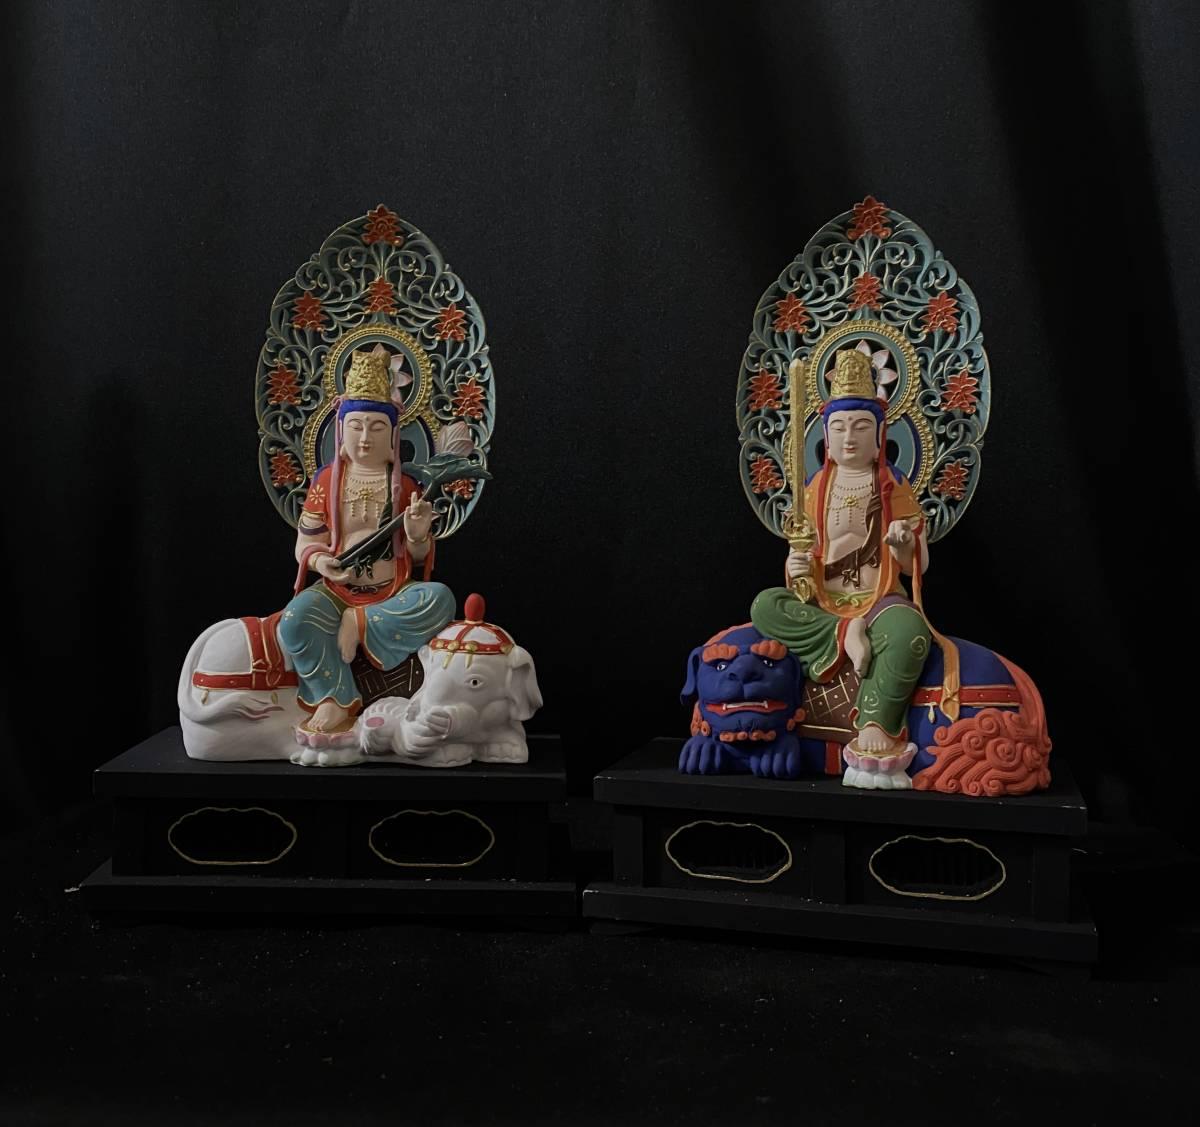 総柘植材 仏教工芸品 彩繪 本金 切金 木彫仏教 精密彫刻 極上品 仏師で仕上げ品 文殊菩薩、普賢菩薩座像